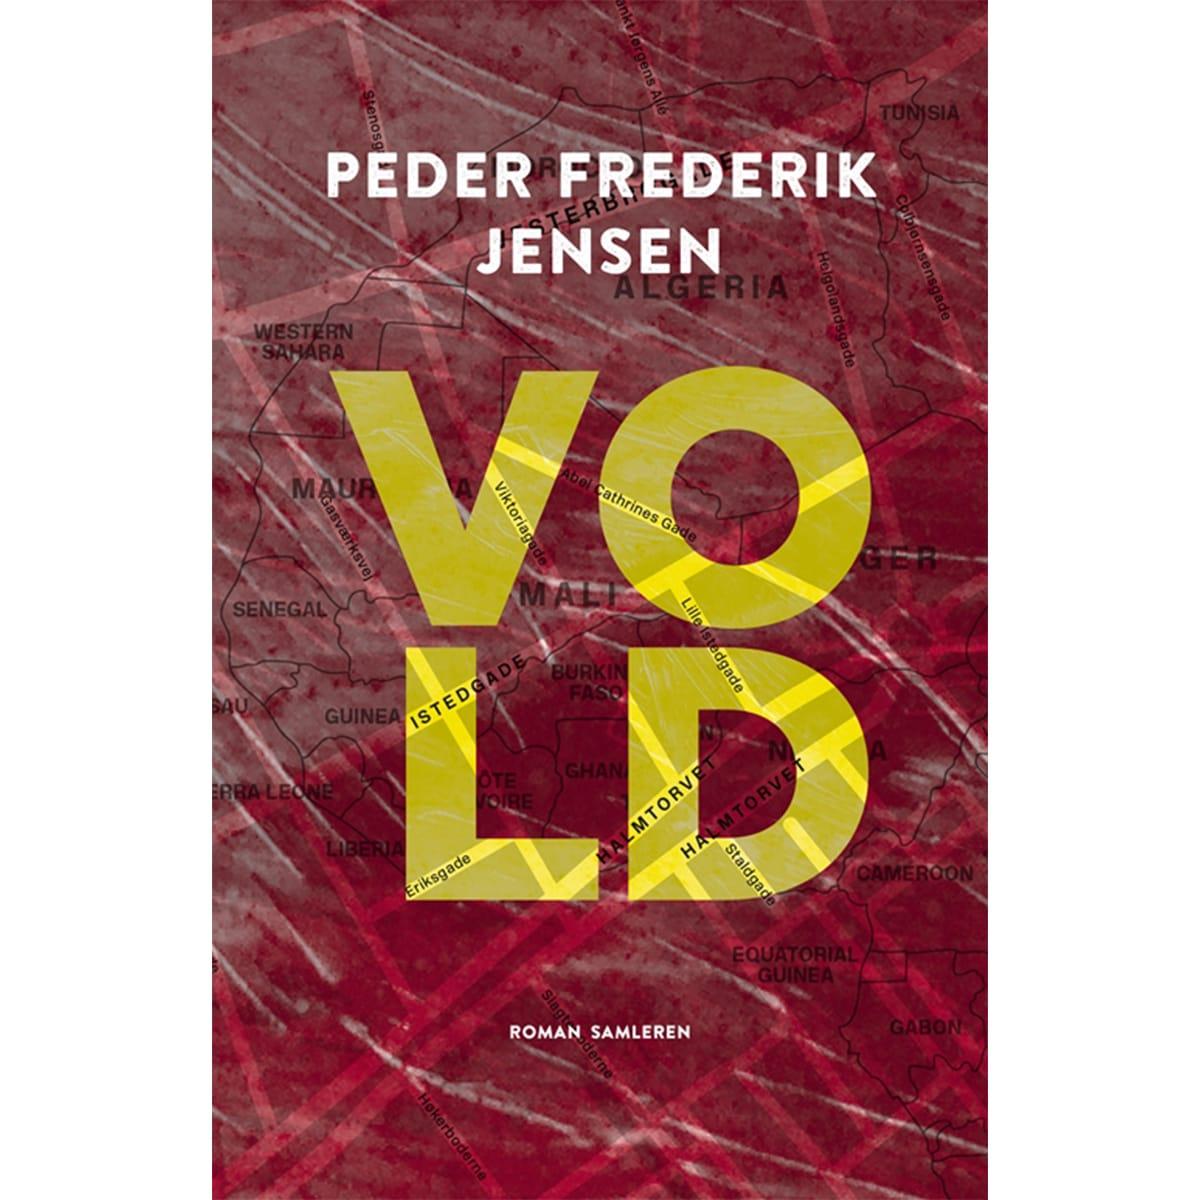 Af Peder Frederik Jensen